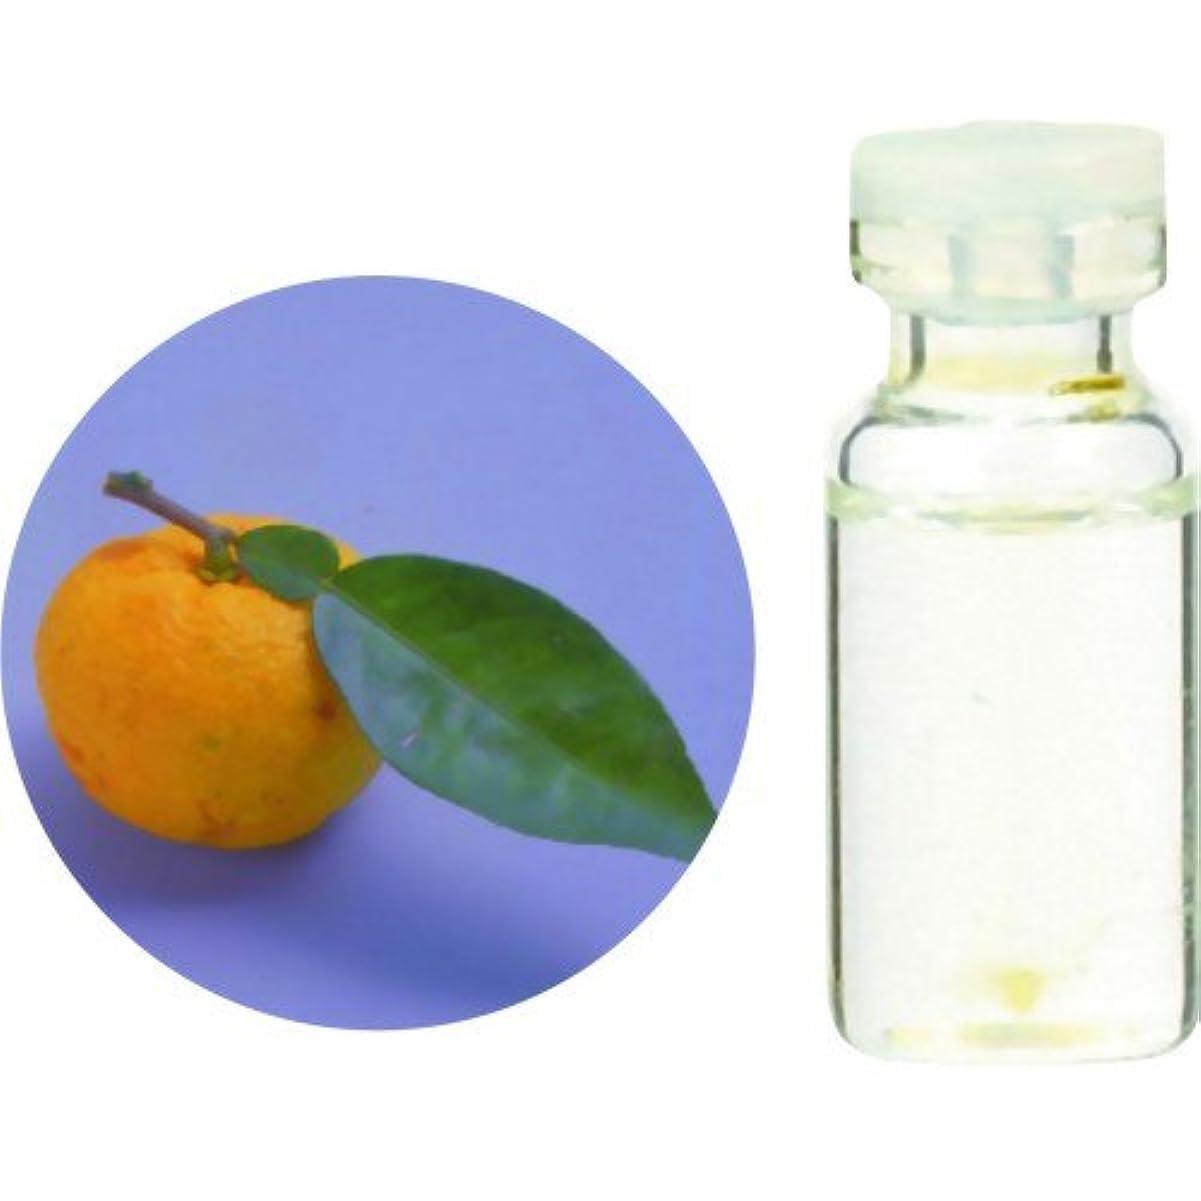 農業スカウト大胆生活の木 Herbal Life 和精油 柚子(ゆず)(水蒸気蒸留法) 3ml